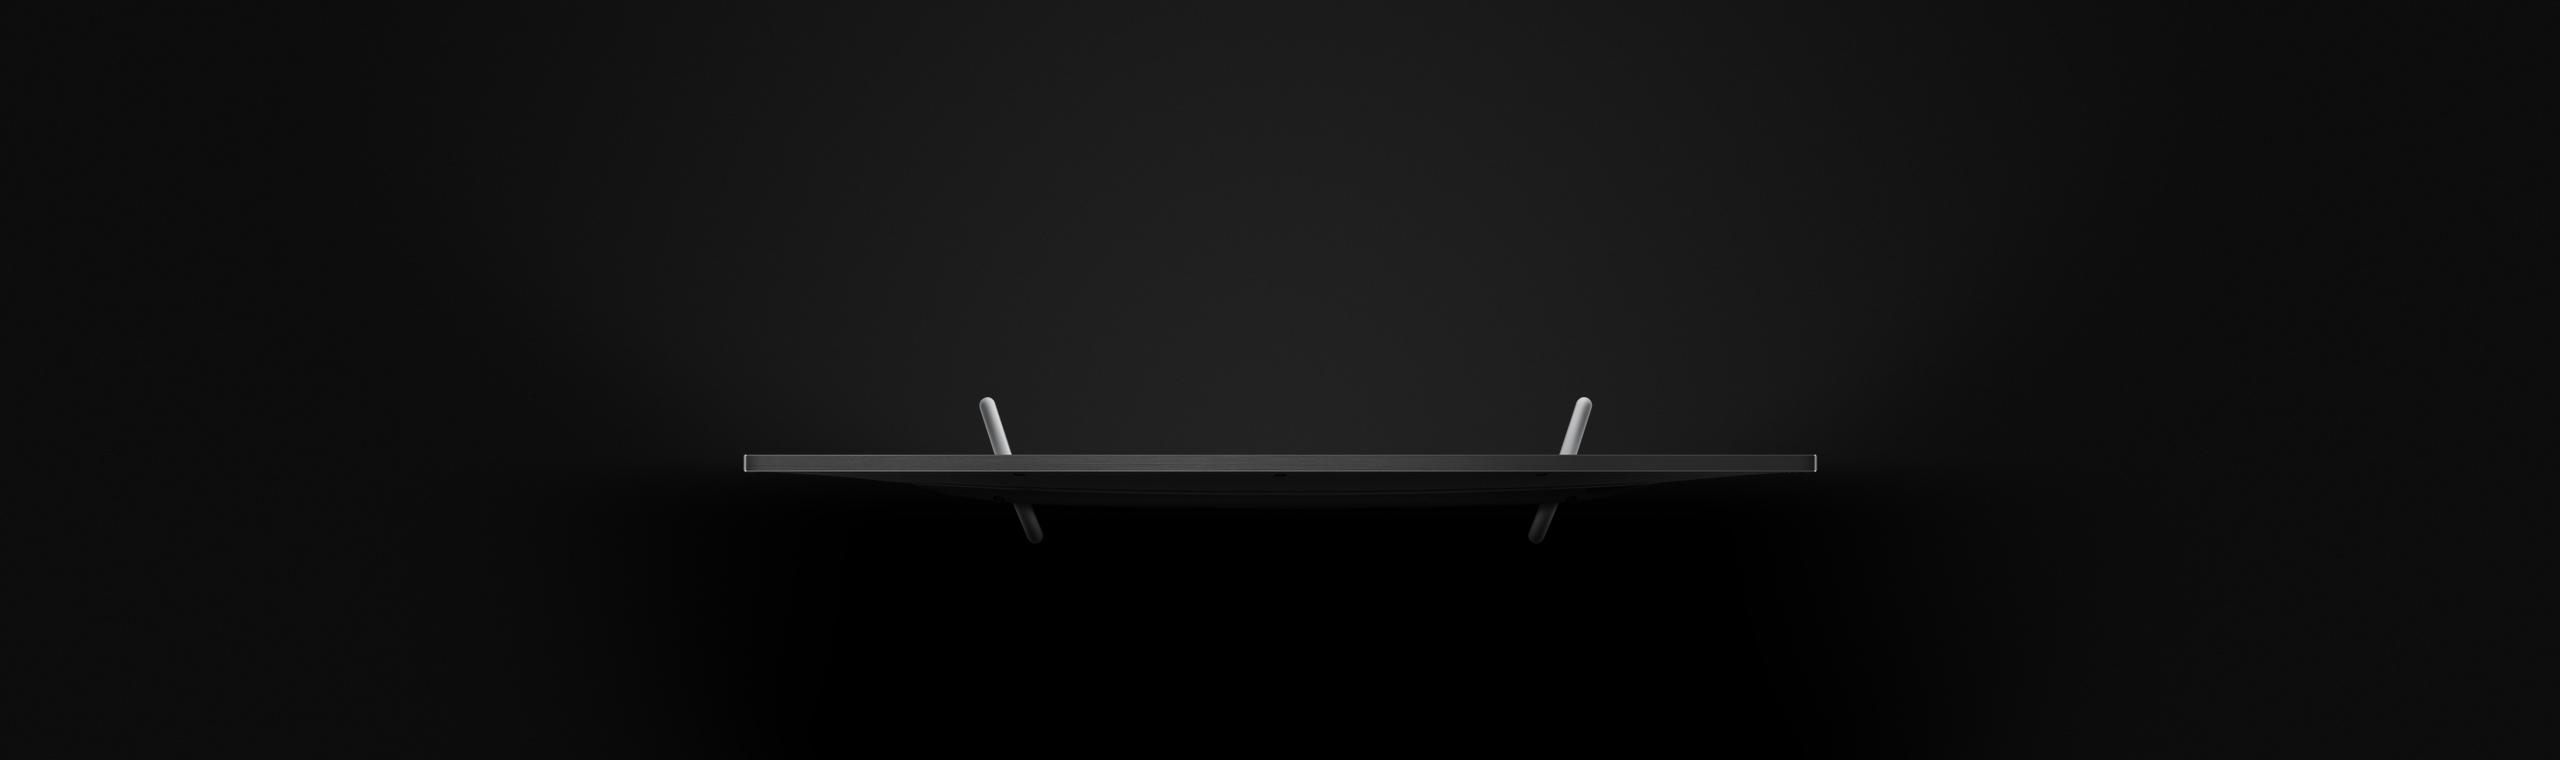 微鲸43英寸电视工艺设计